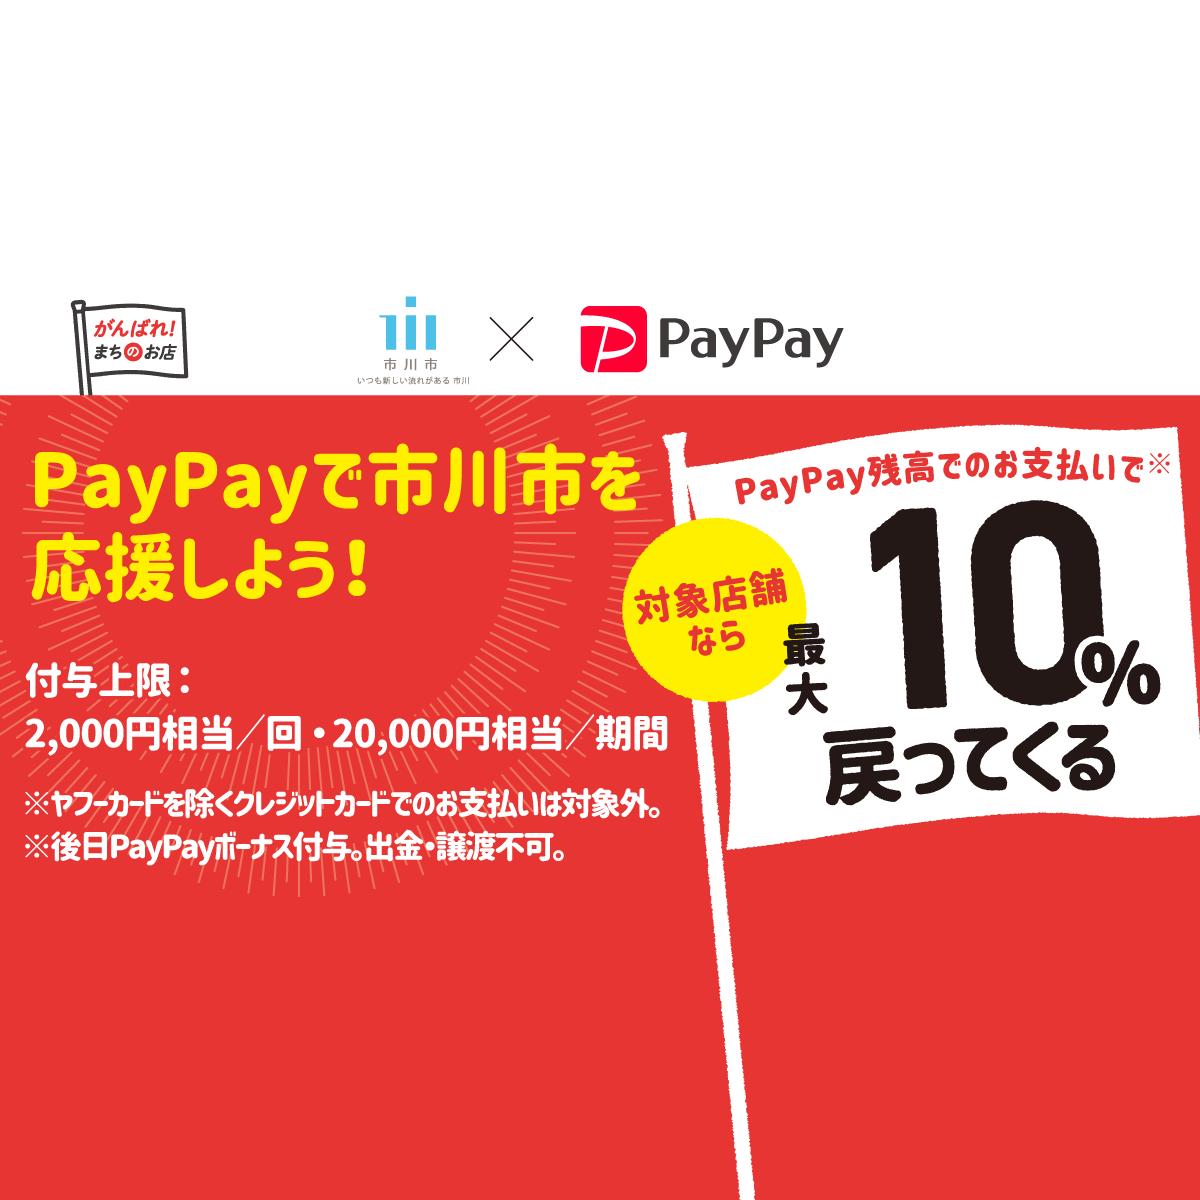 がんばれ市川!対象のお店で最大10%戻ってくるキャンペーン - PayPay